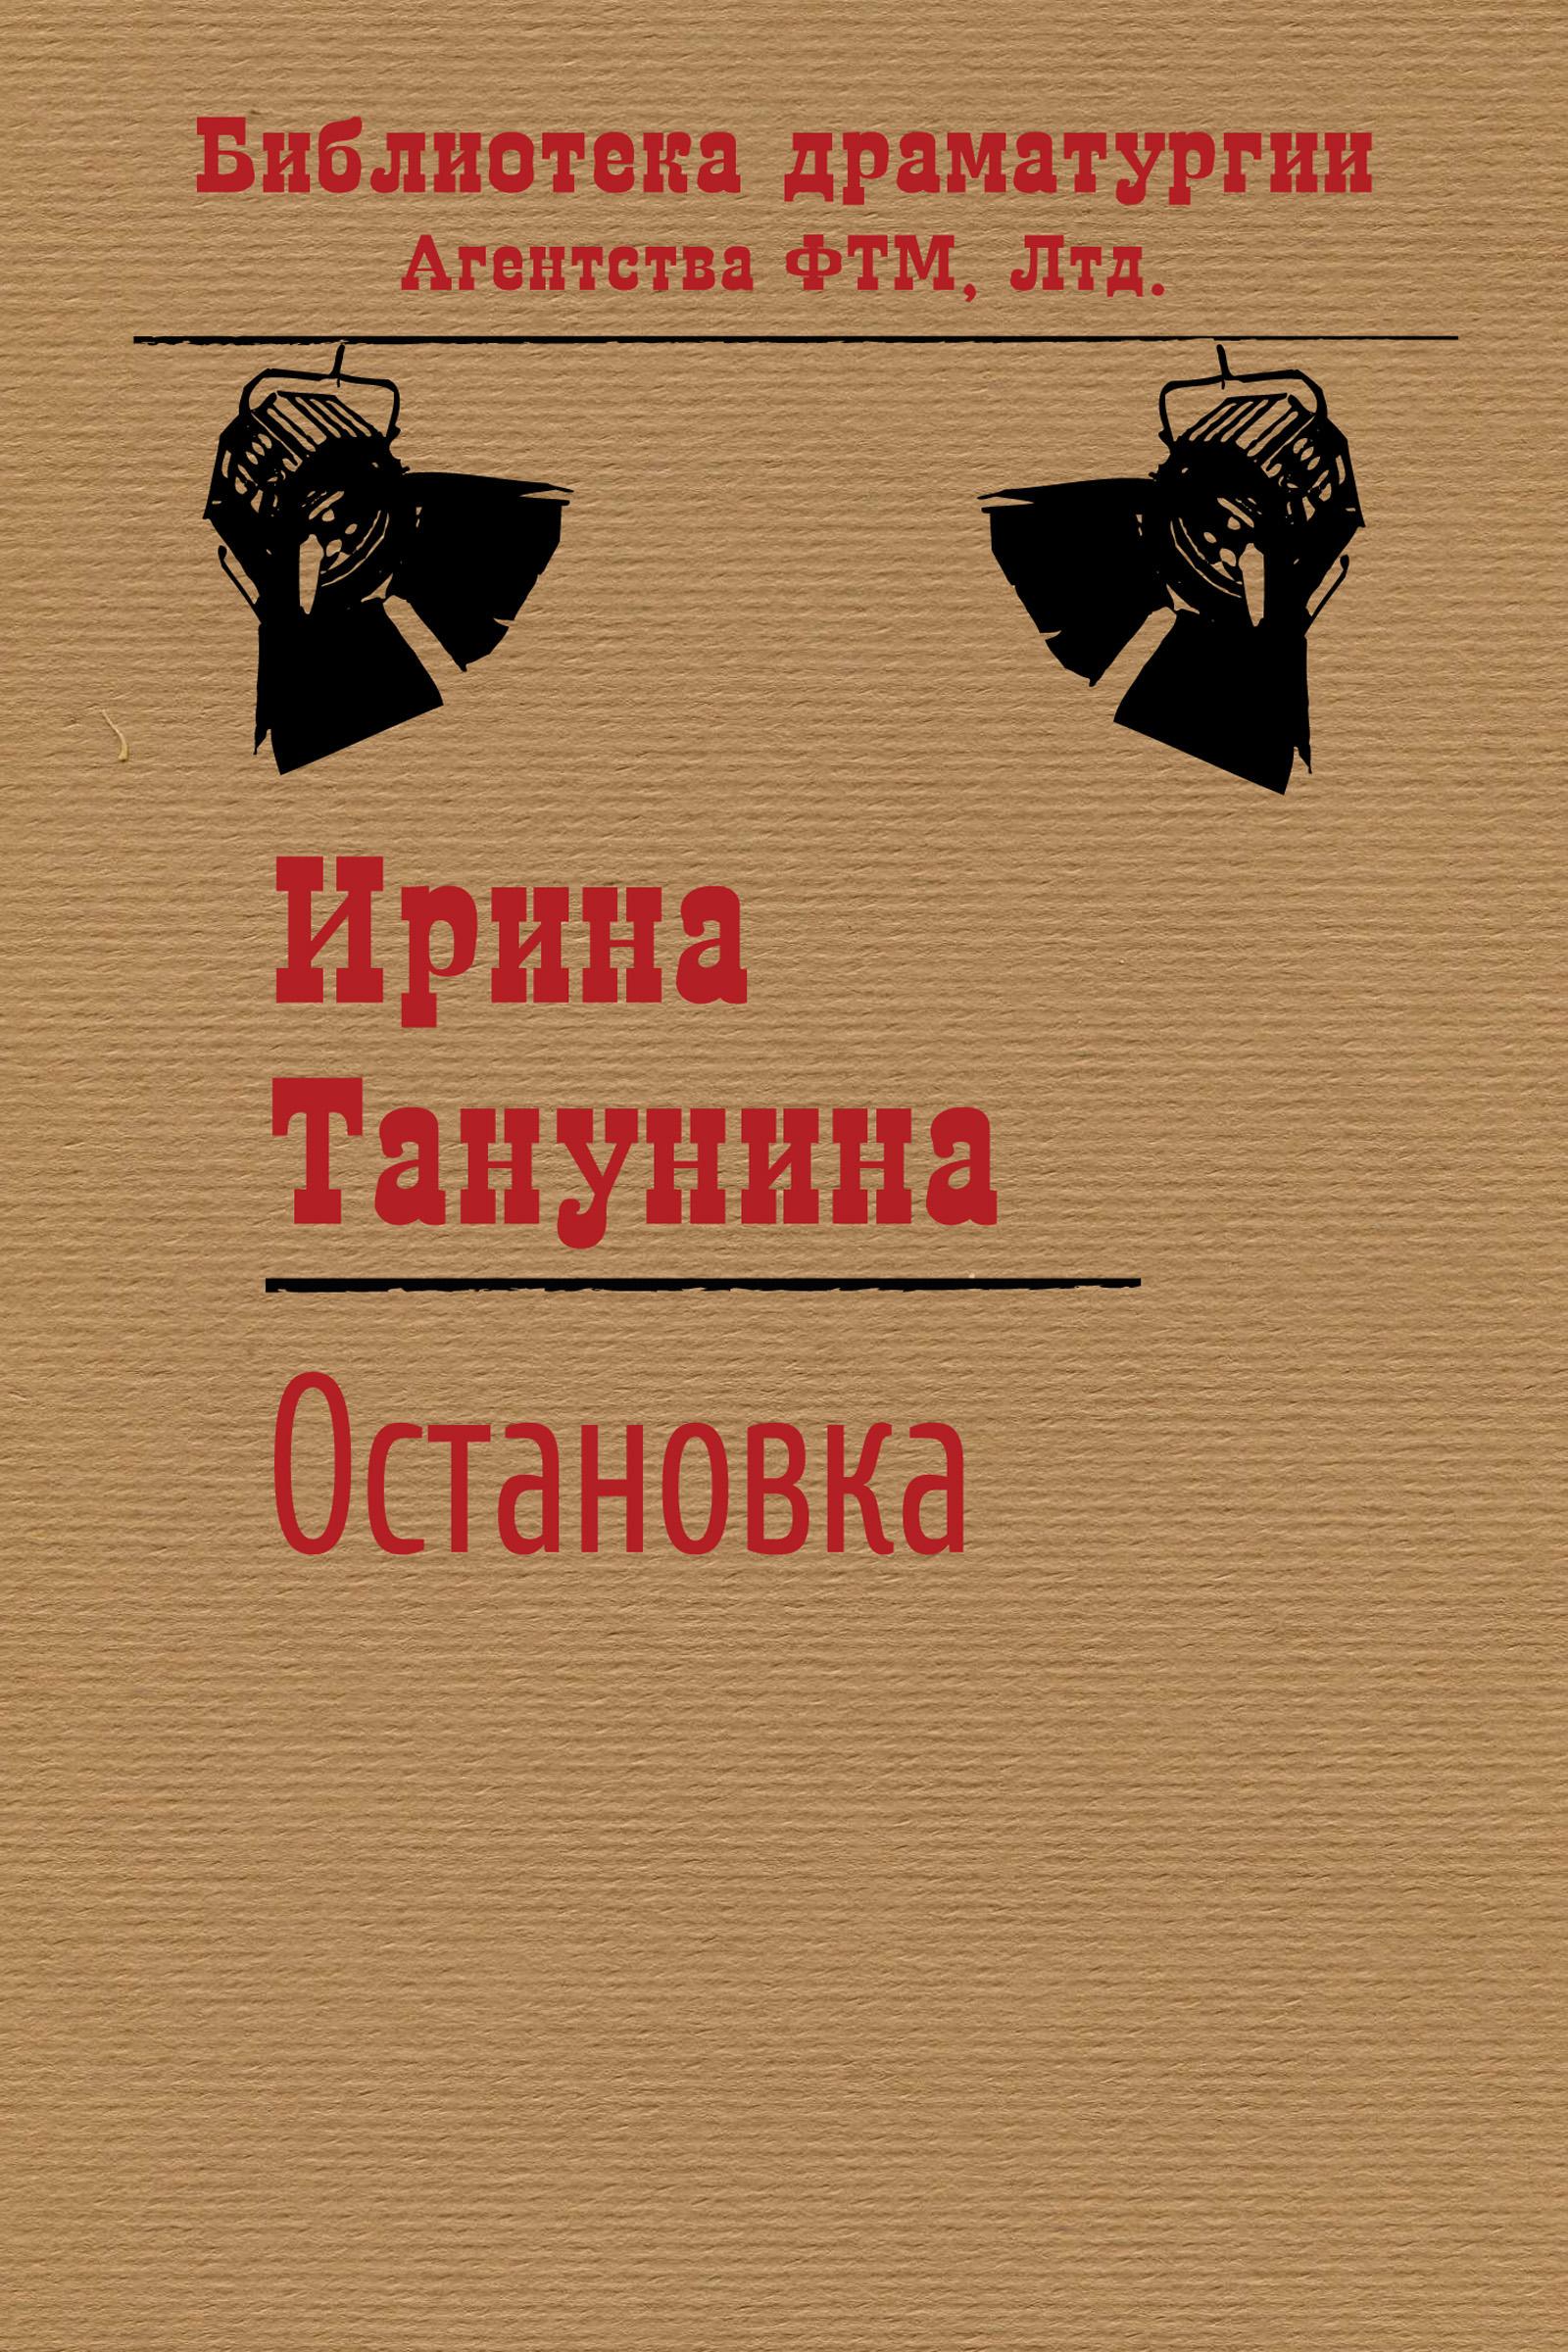 Остановка ( Ирина Танунина  )